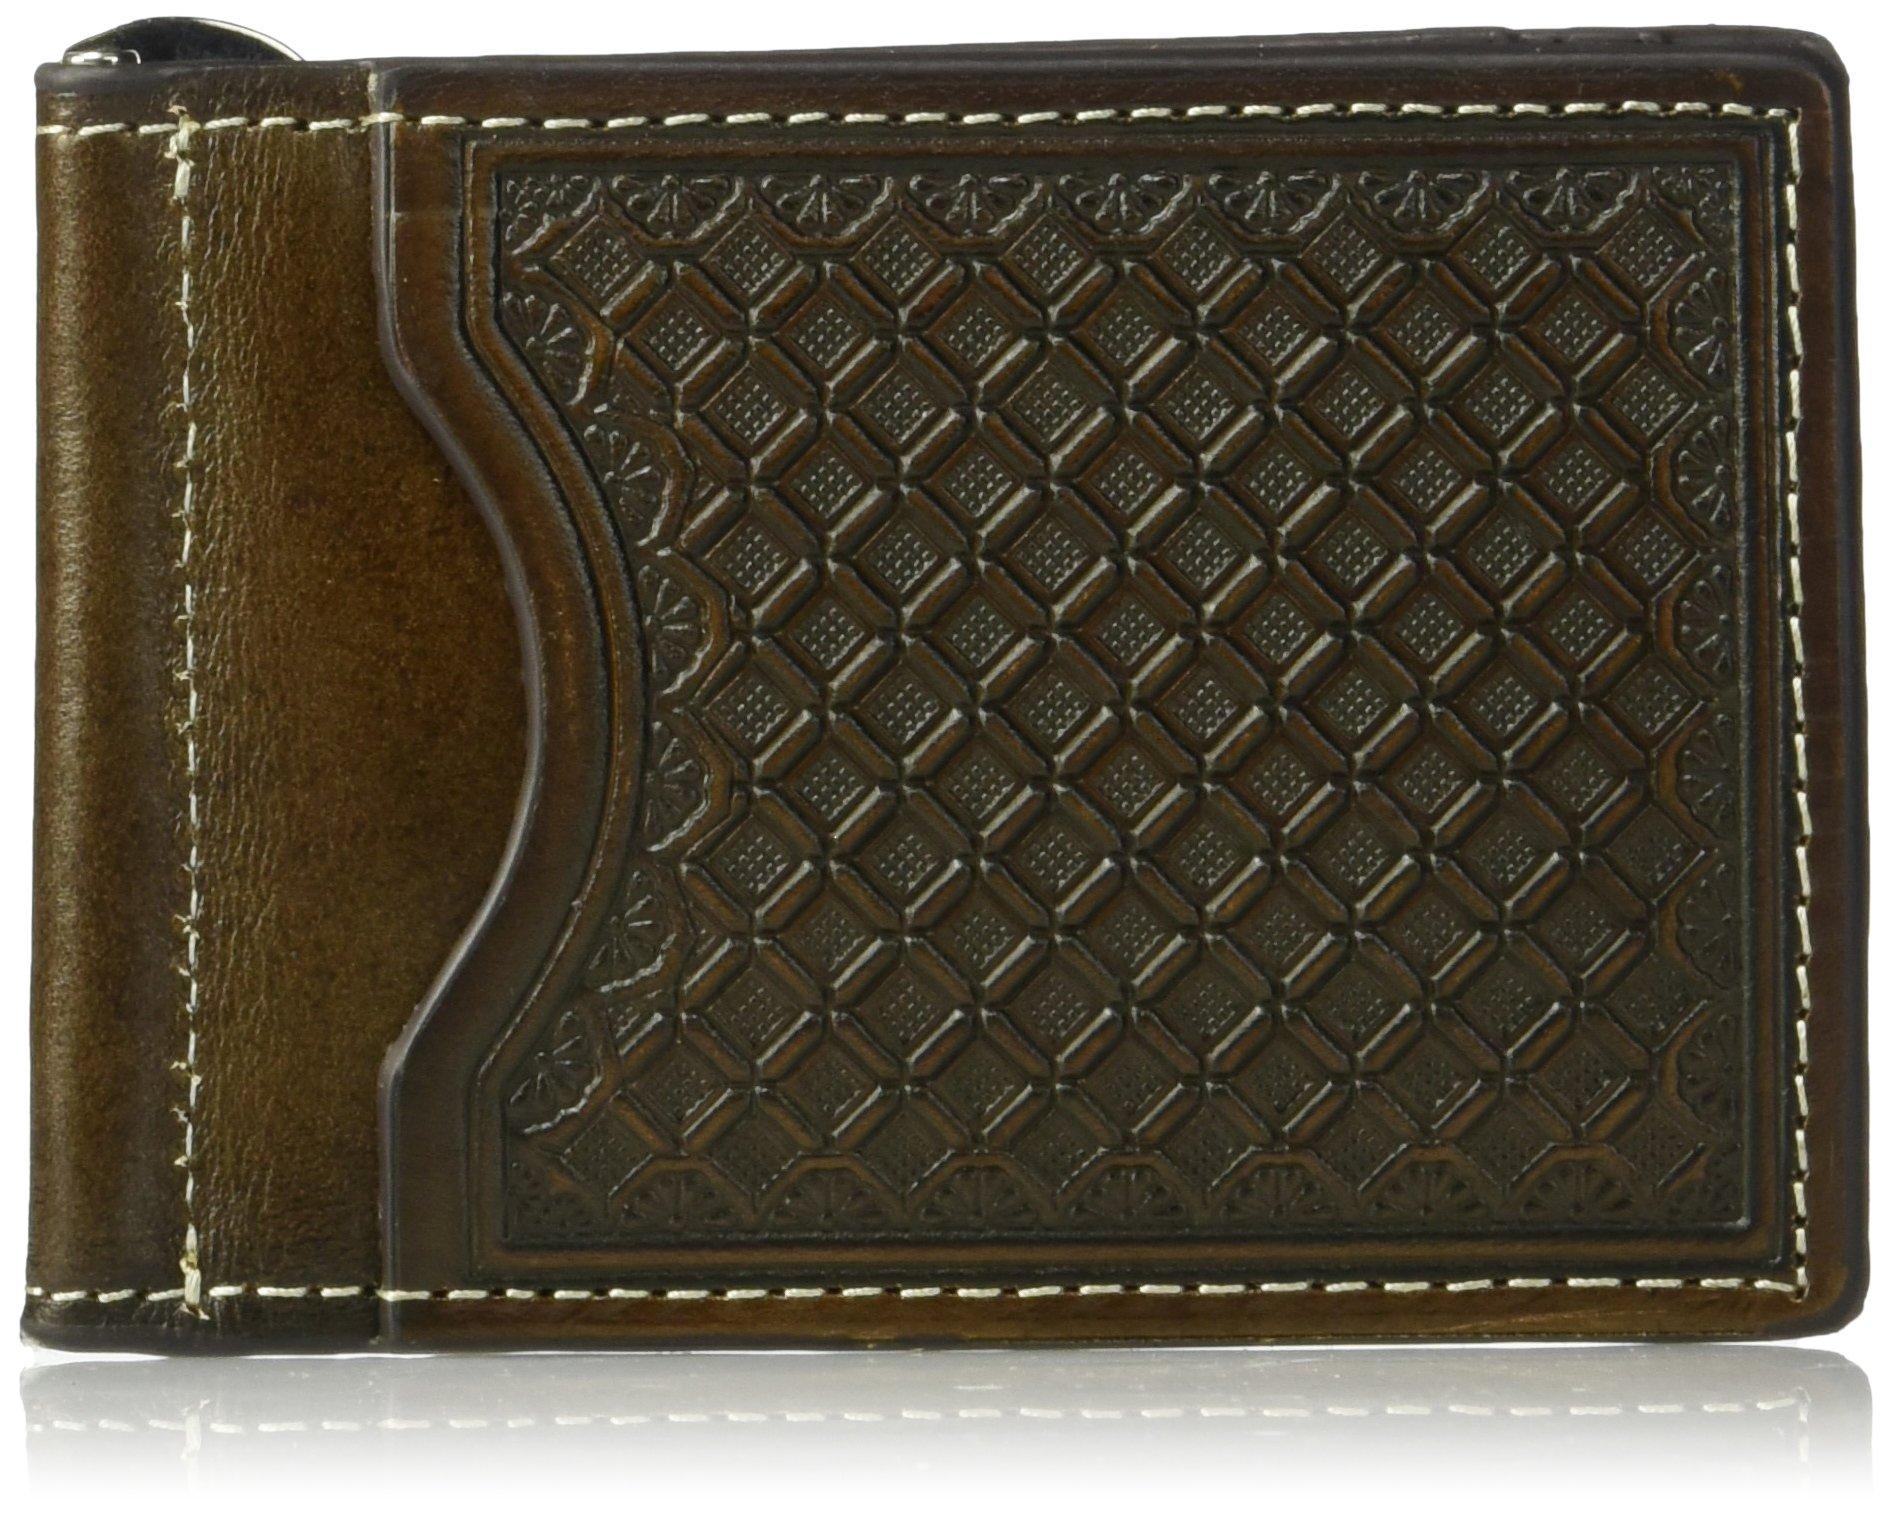 Nocona Nocona Chocolate Basket In Money Accessory